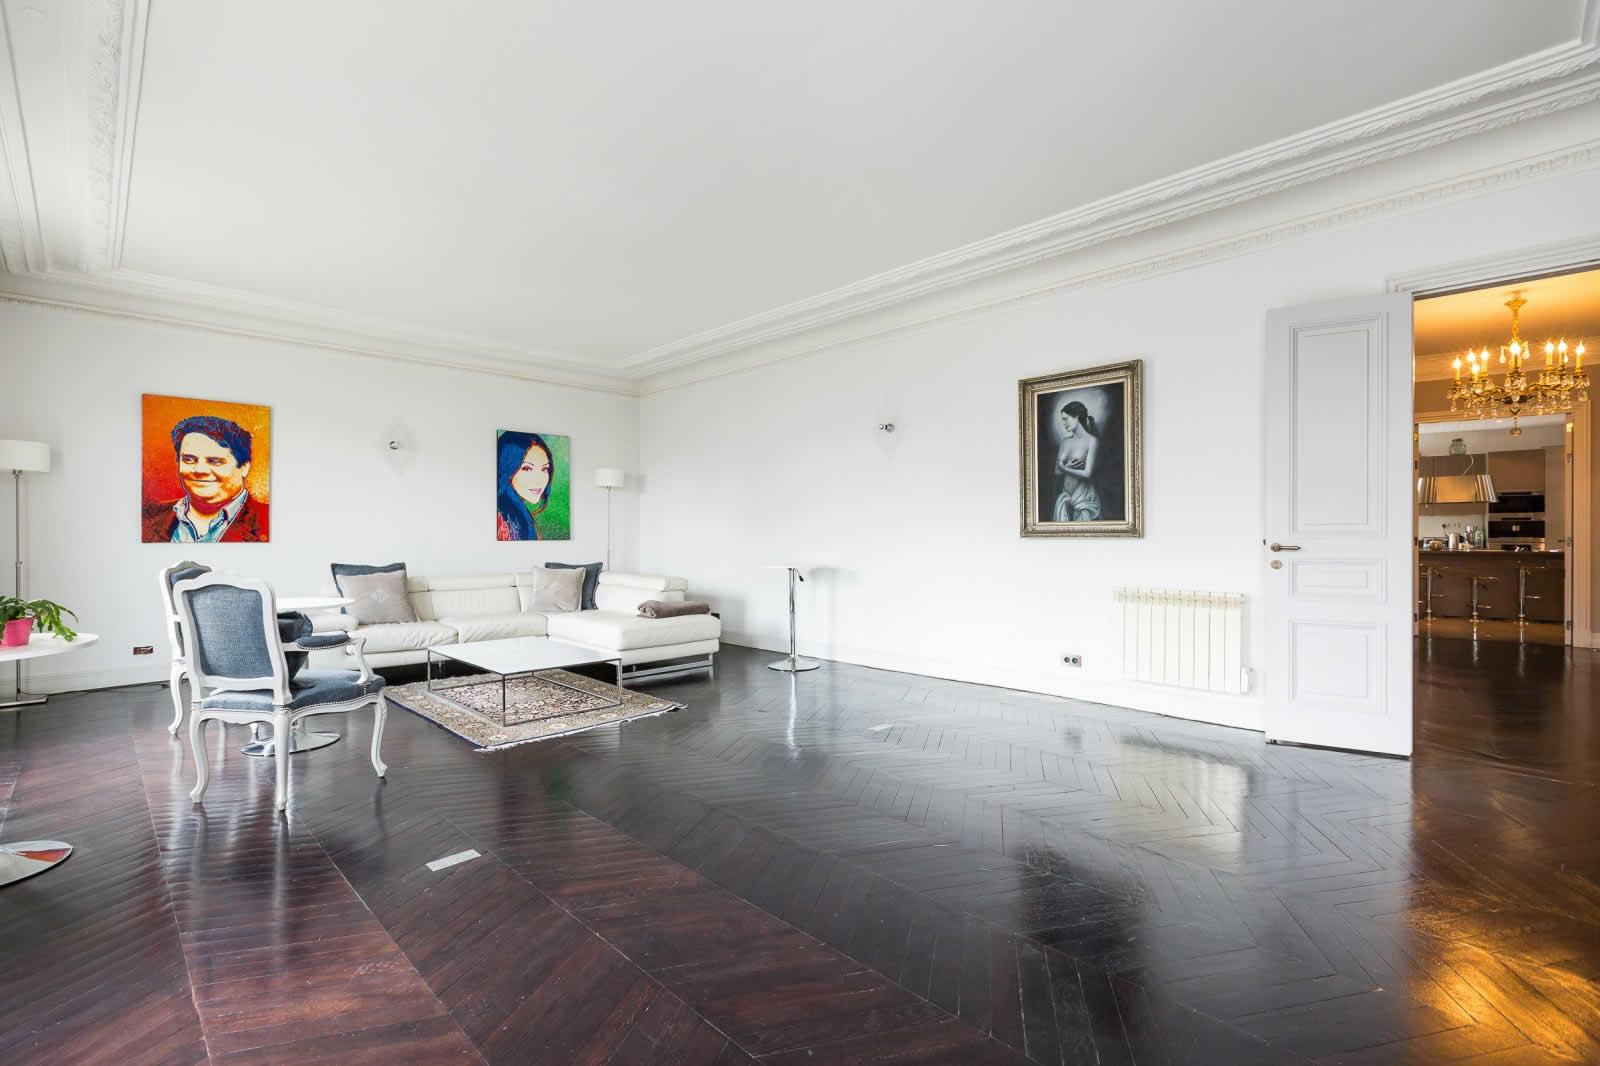 appartement-duplex-a-vendre-saint-philippe-du-roule-8eme-arrondissement-vue-degagee-balcon-filant-cave